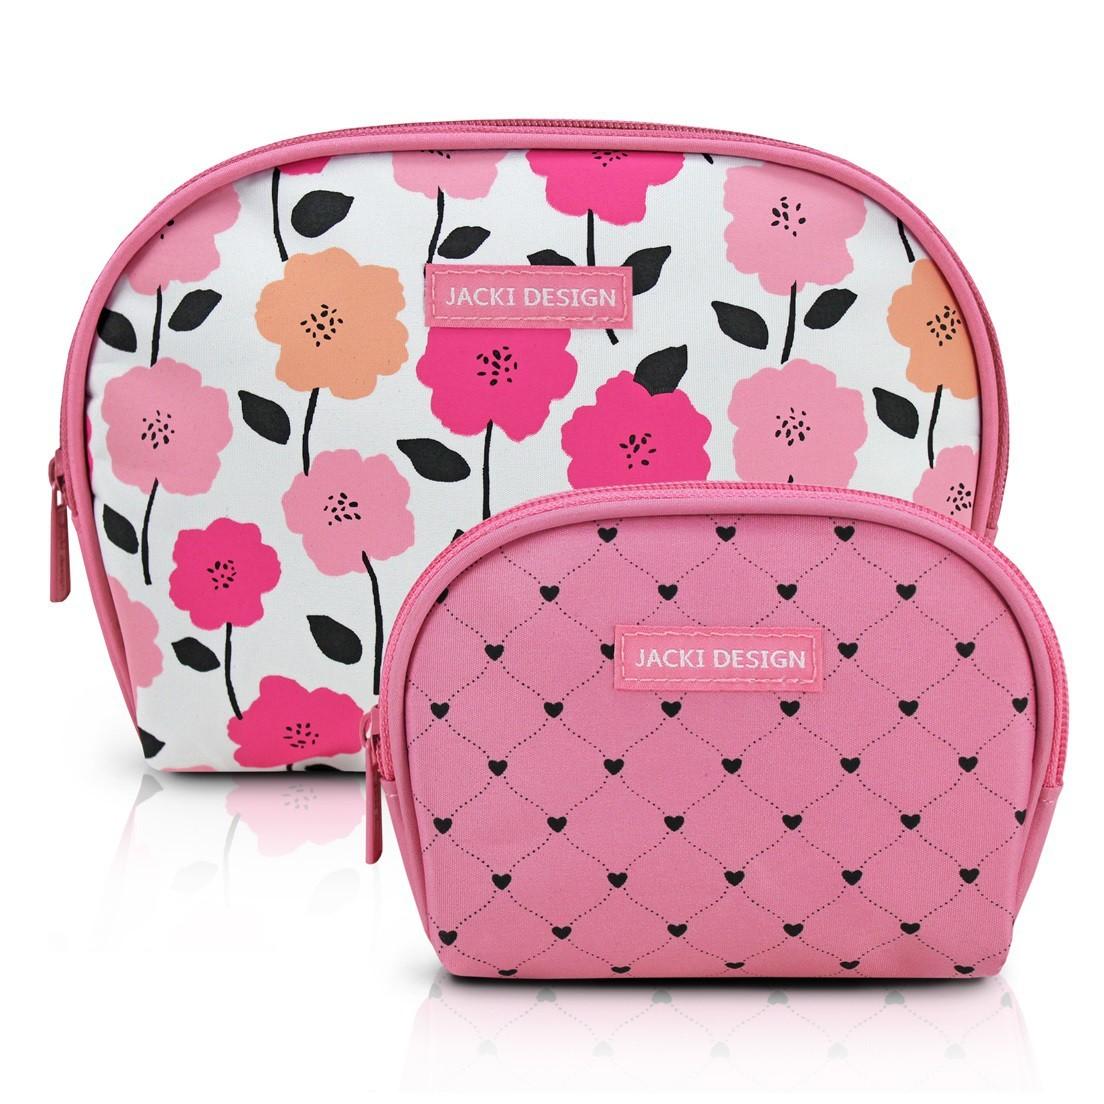 Kit de Necessaire de 2 Peças Pink Lover Jacki Design